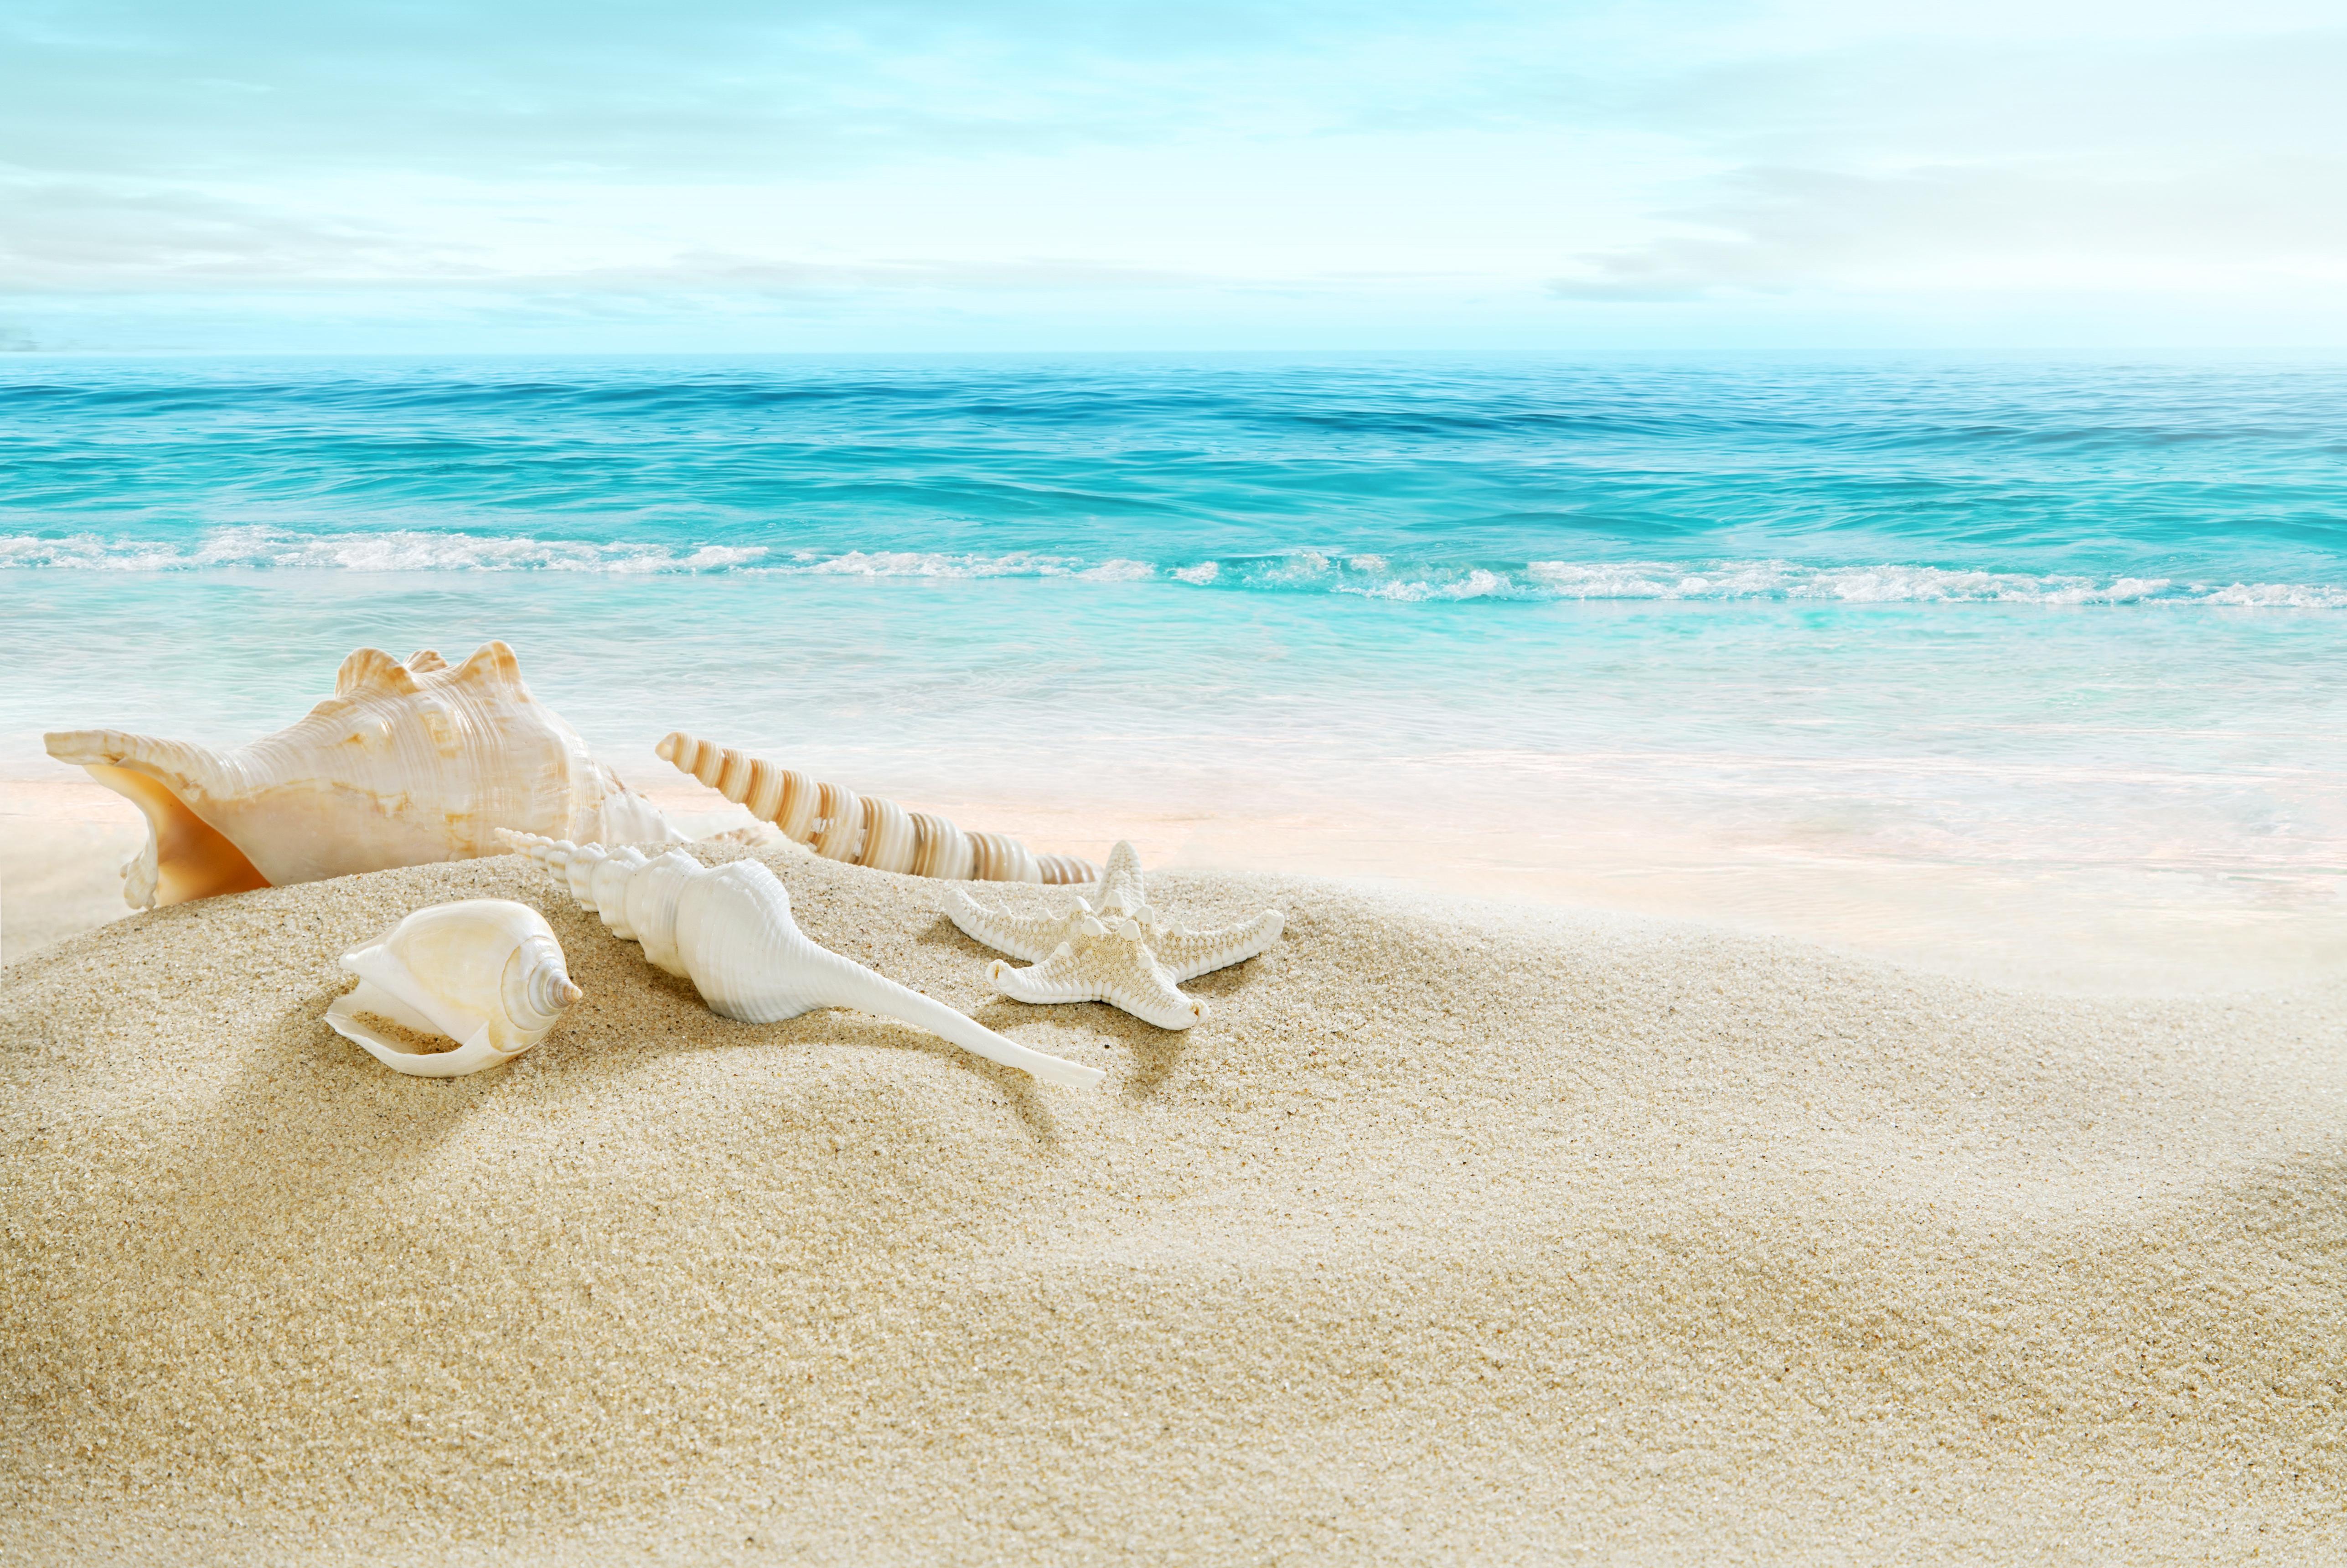 Ракушка на берегу море бесплатно